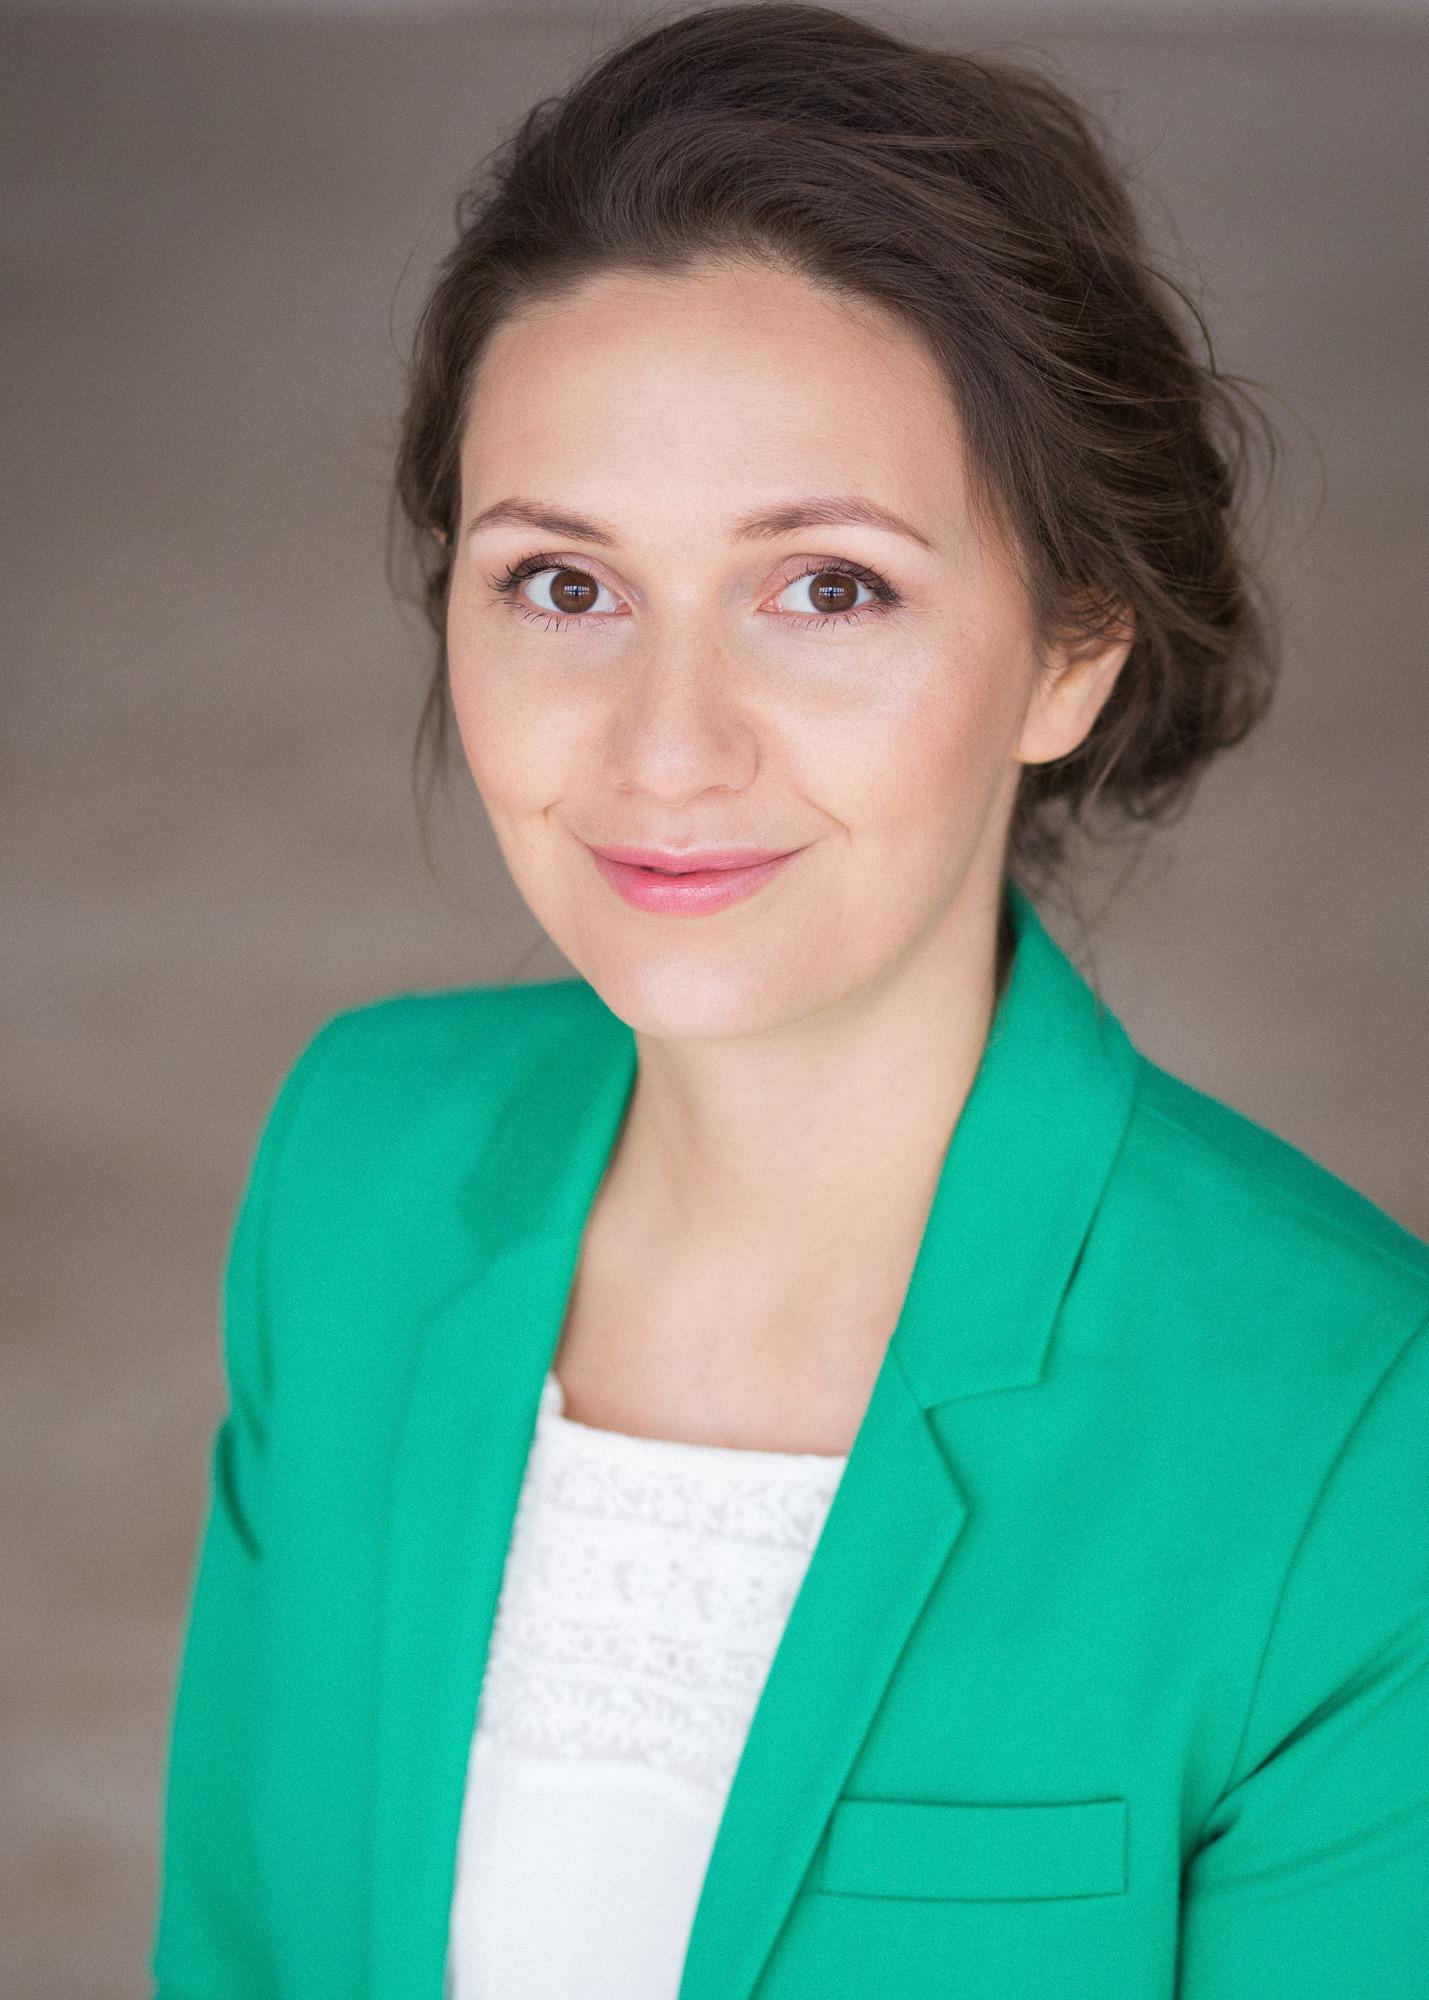 Индивидуальная тренировка по фейсфитнесу с Натальей Дичковской